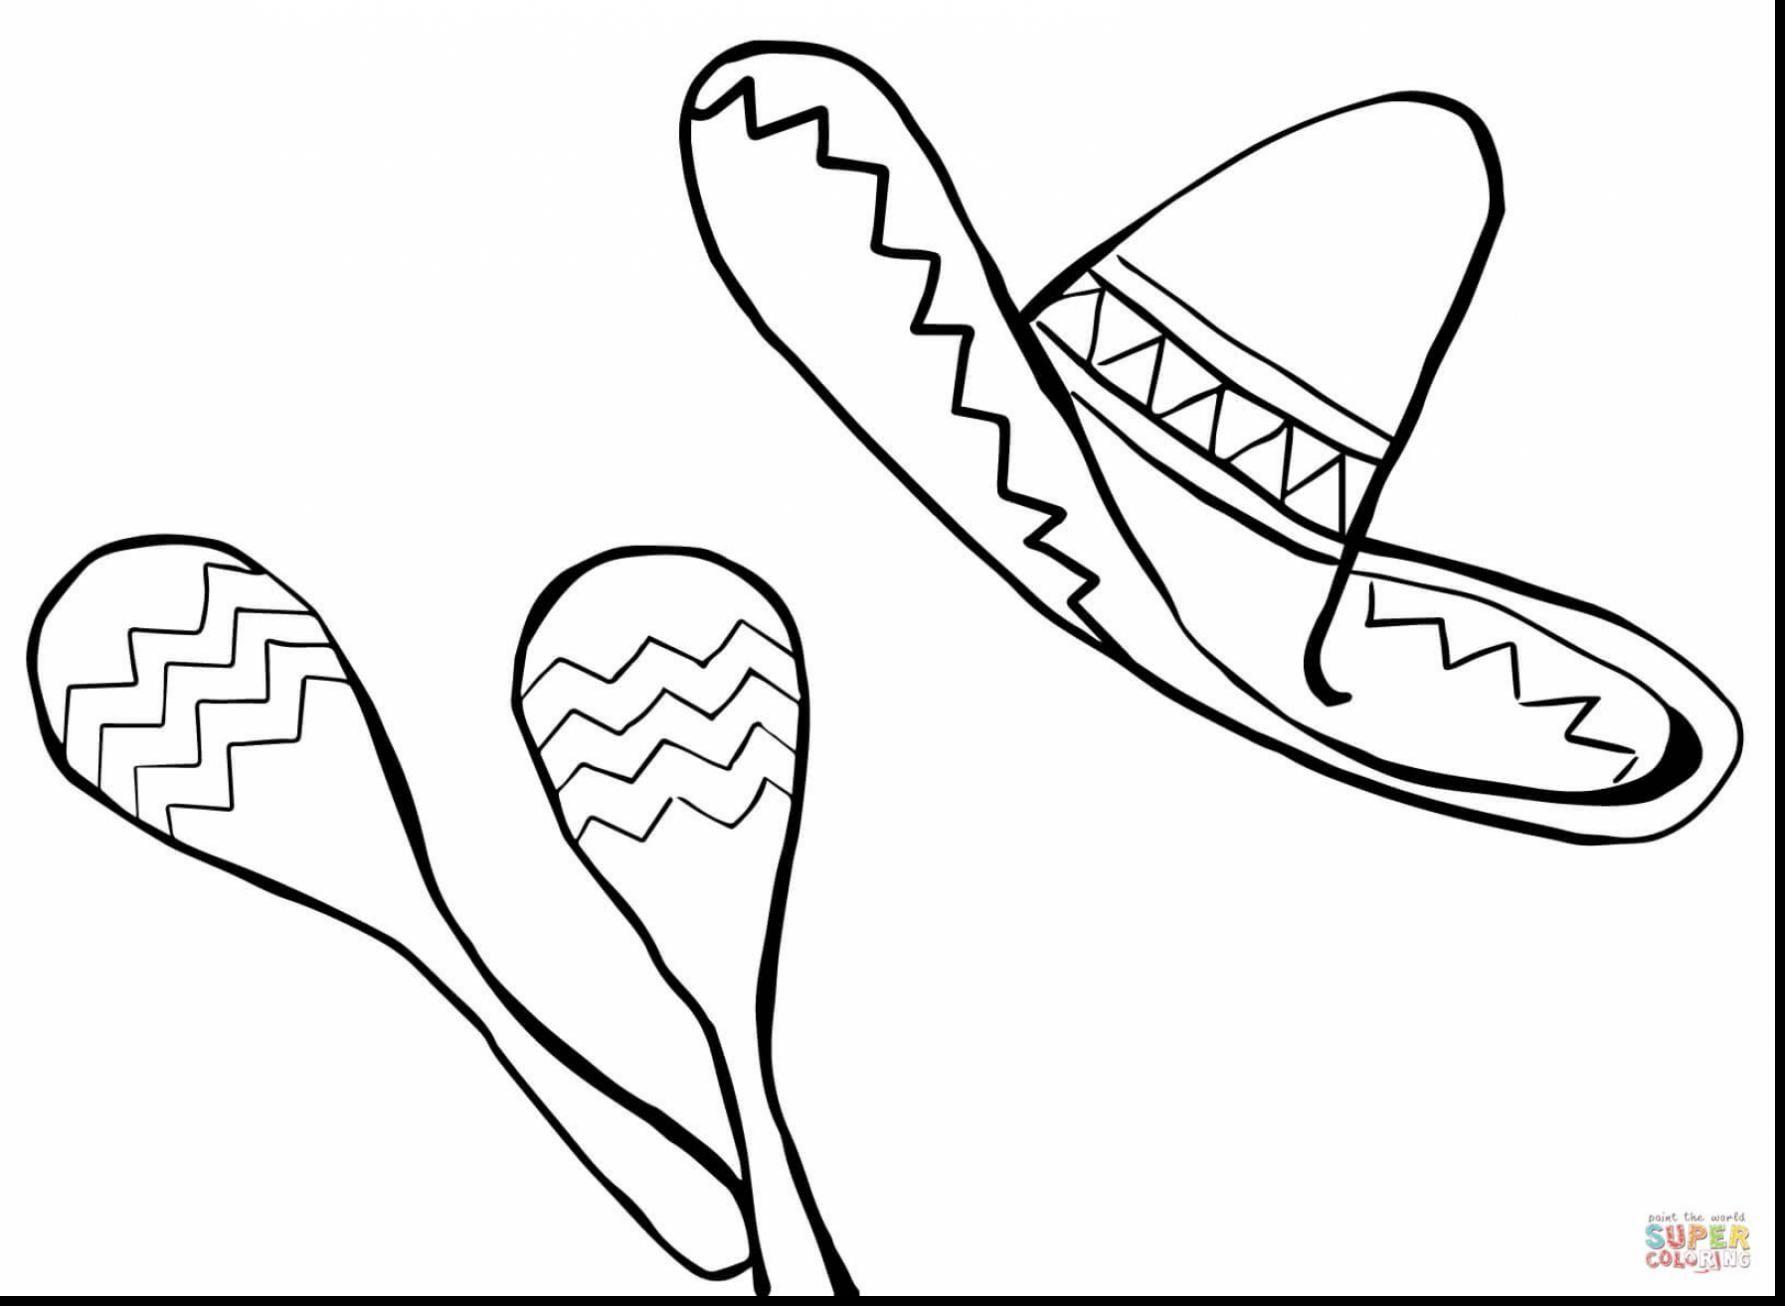 30 Coloring Pages Cinco De Mayo Fiesta Free Printable Coloring Pages Coloring Pages Free Printable Coloring